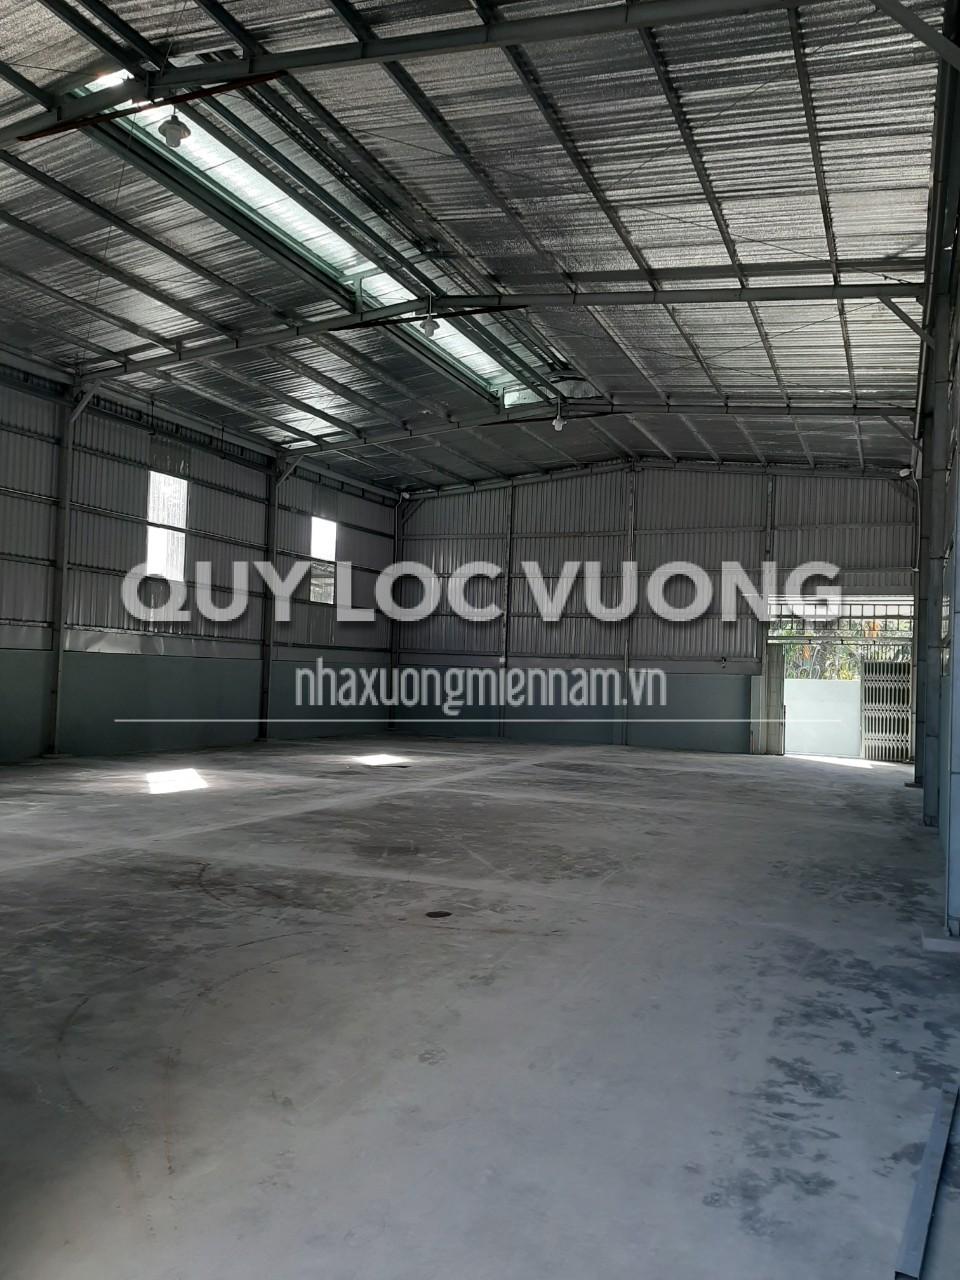 Cho thuê nhà xưởng tại phường Thạnh Xuân quận 12 TPHCM, rộng 320m2